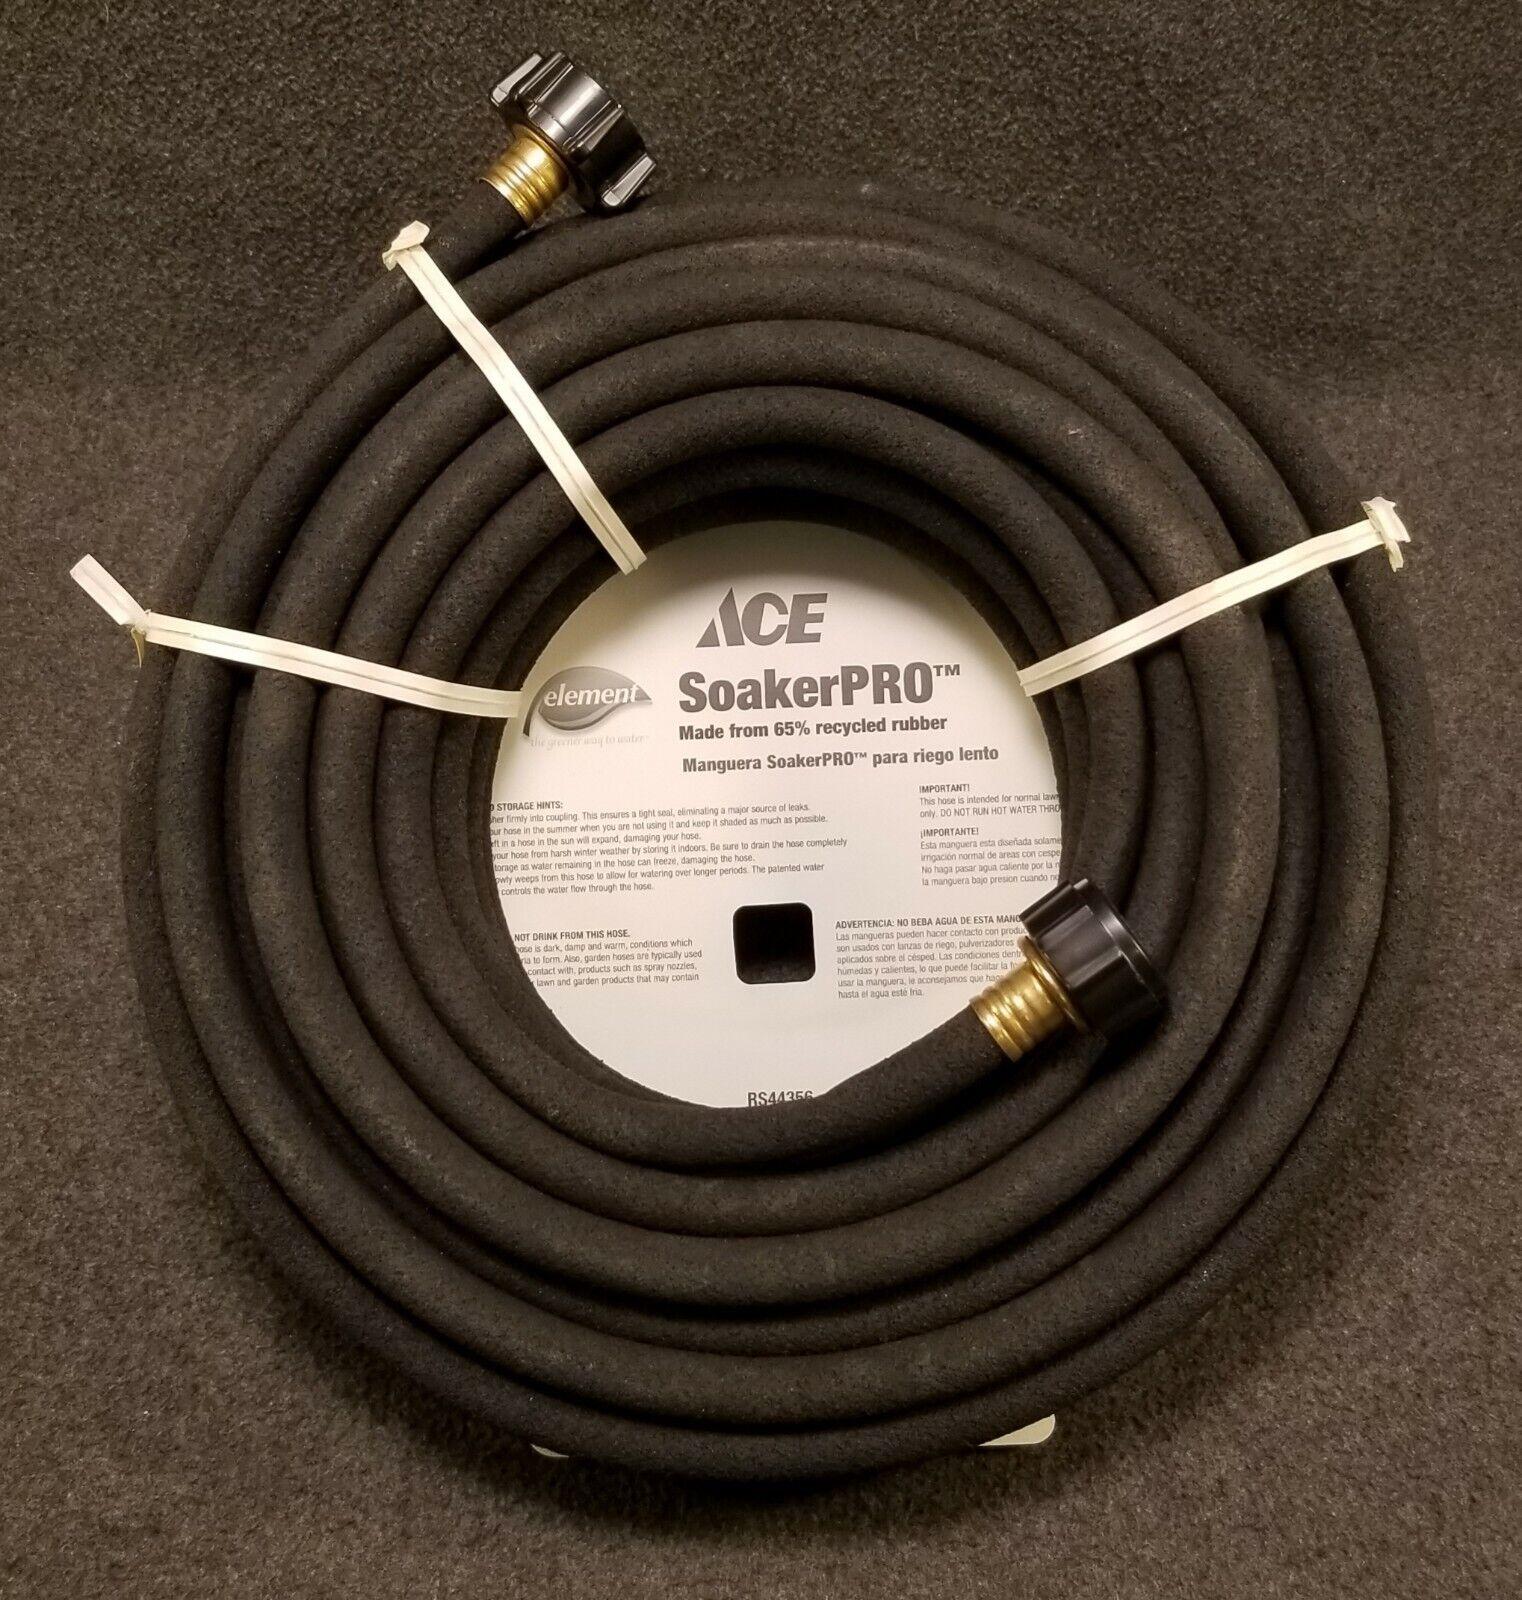 ACE Element 3/8-Inch by 50-Feet SoakerPro Soaker Hose 7300627